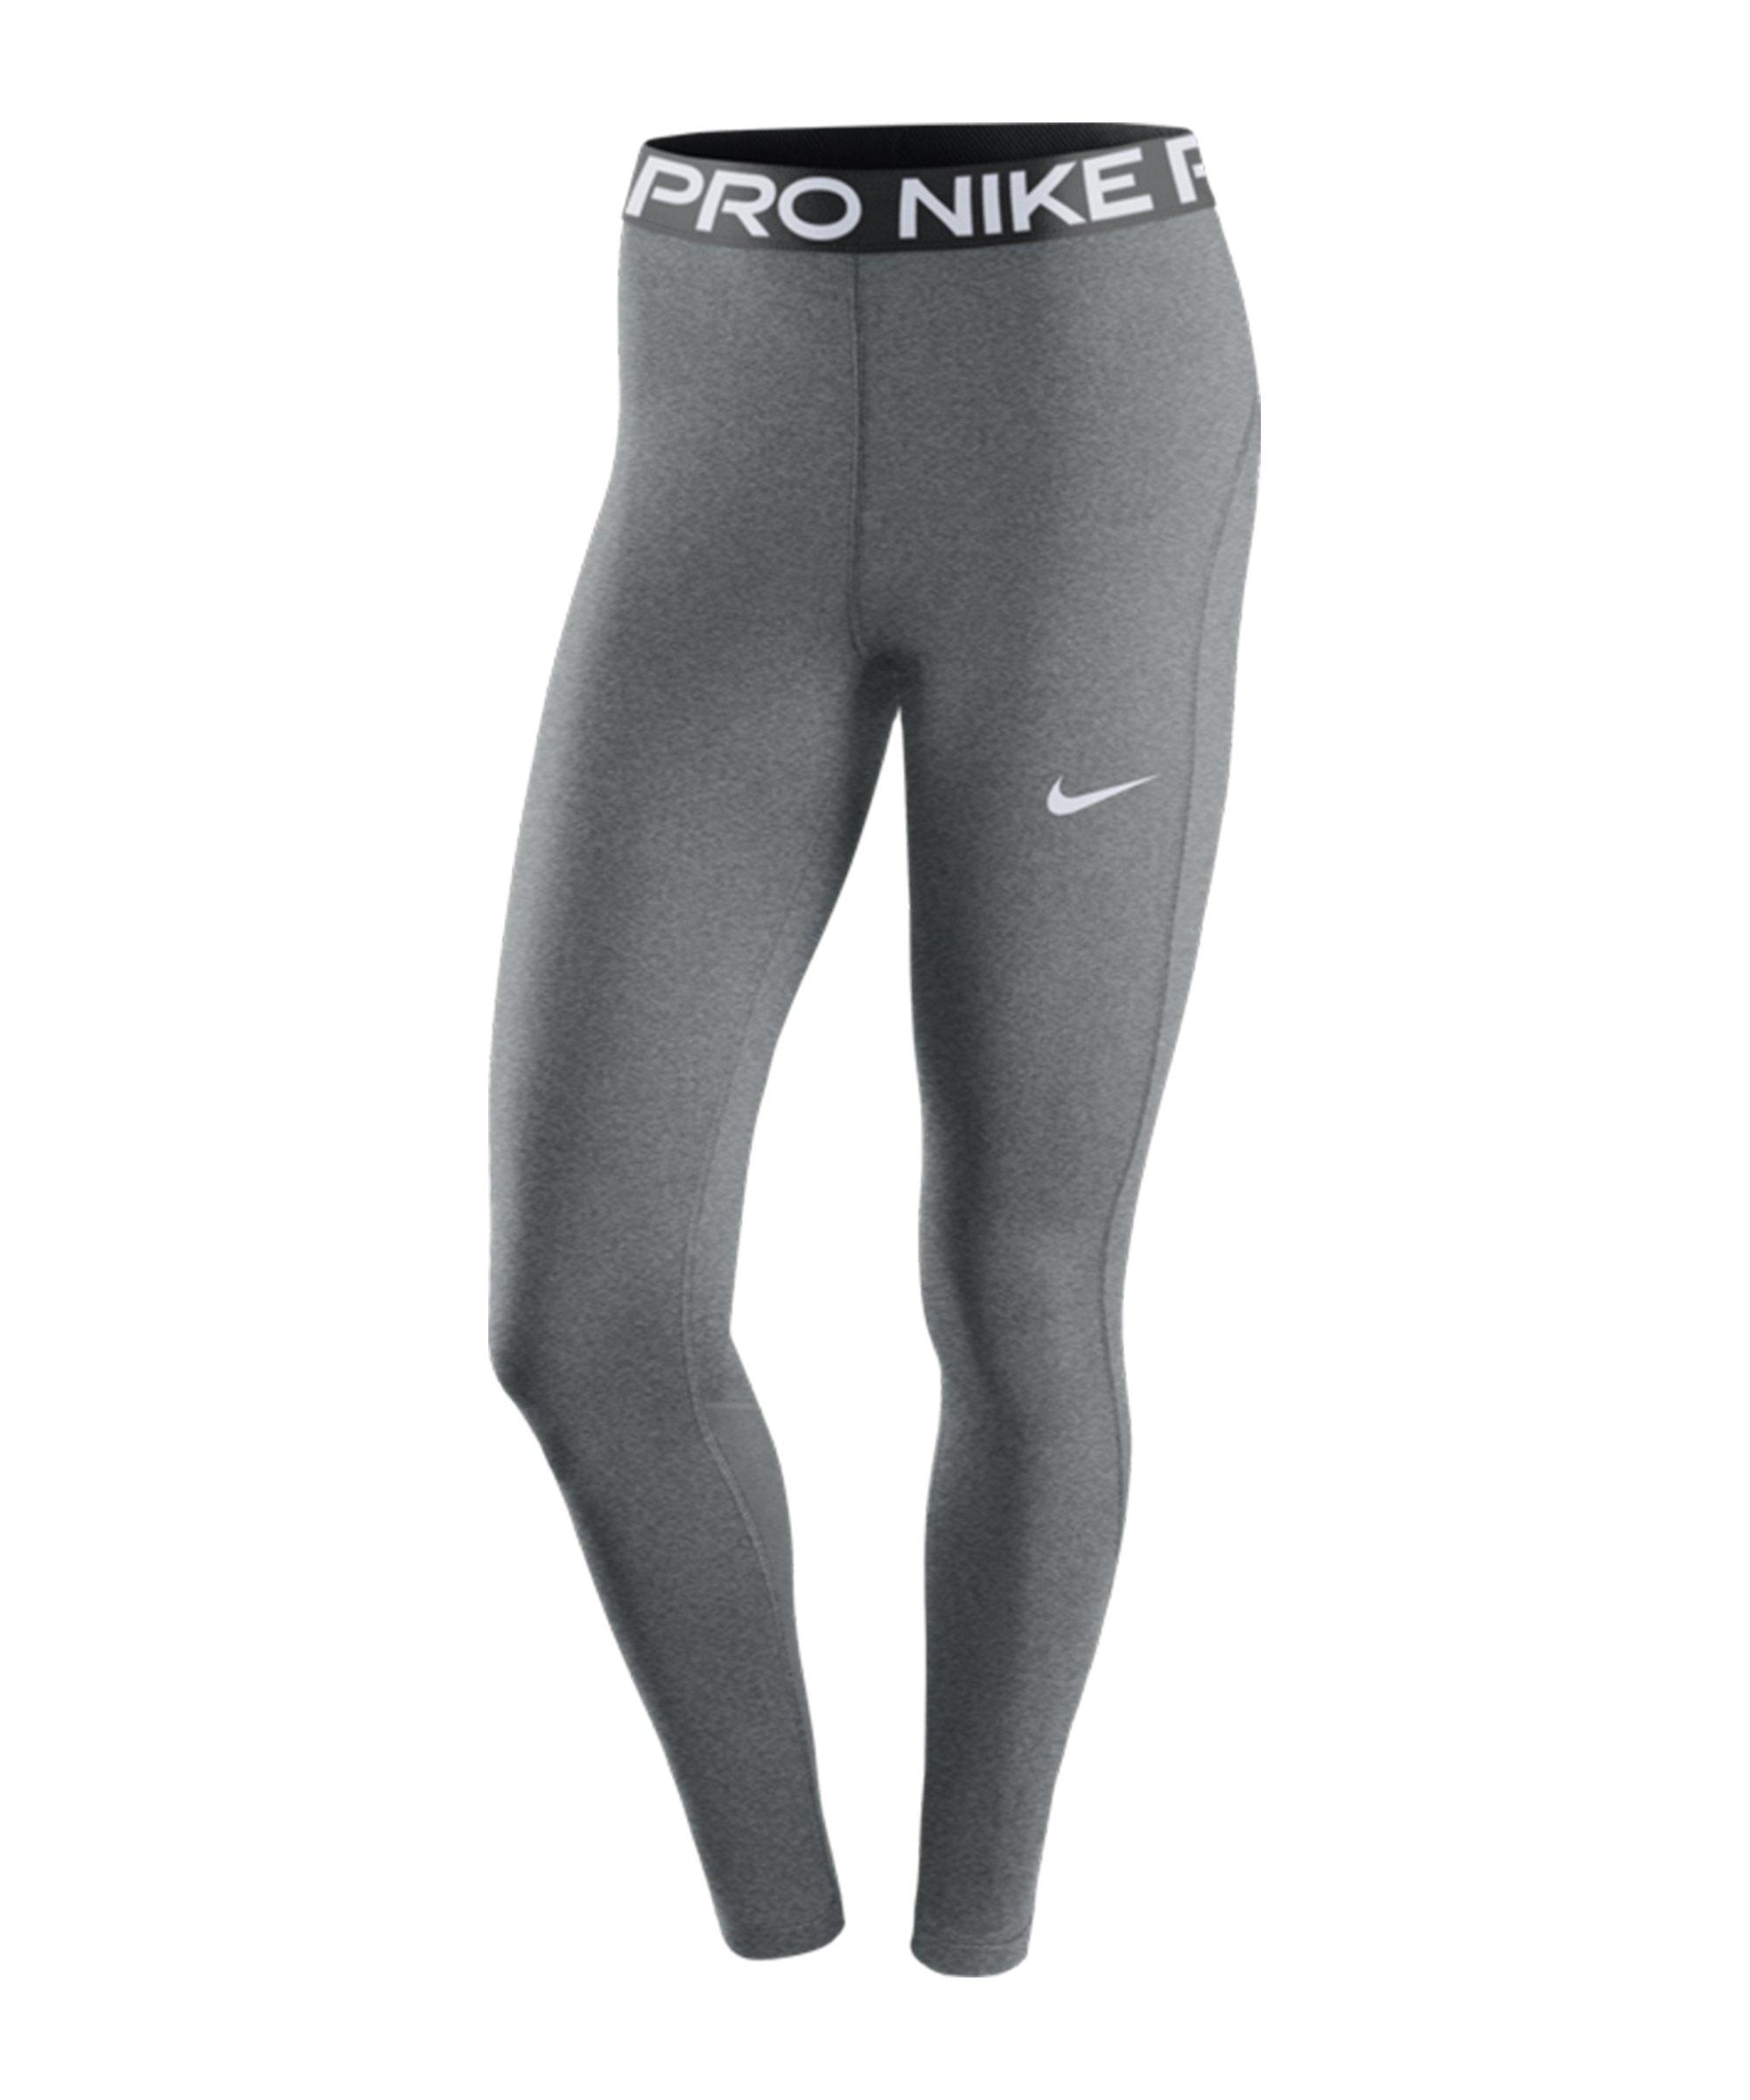 Nike 365 Leggings Training Damen Grau F084 - grau